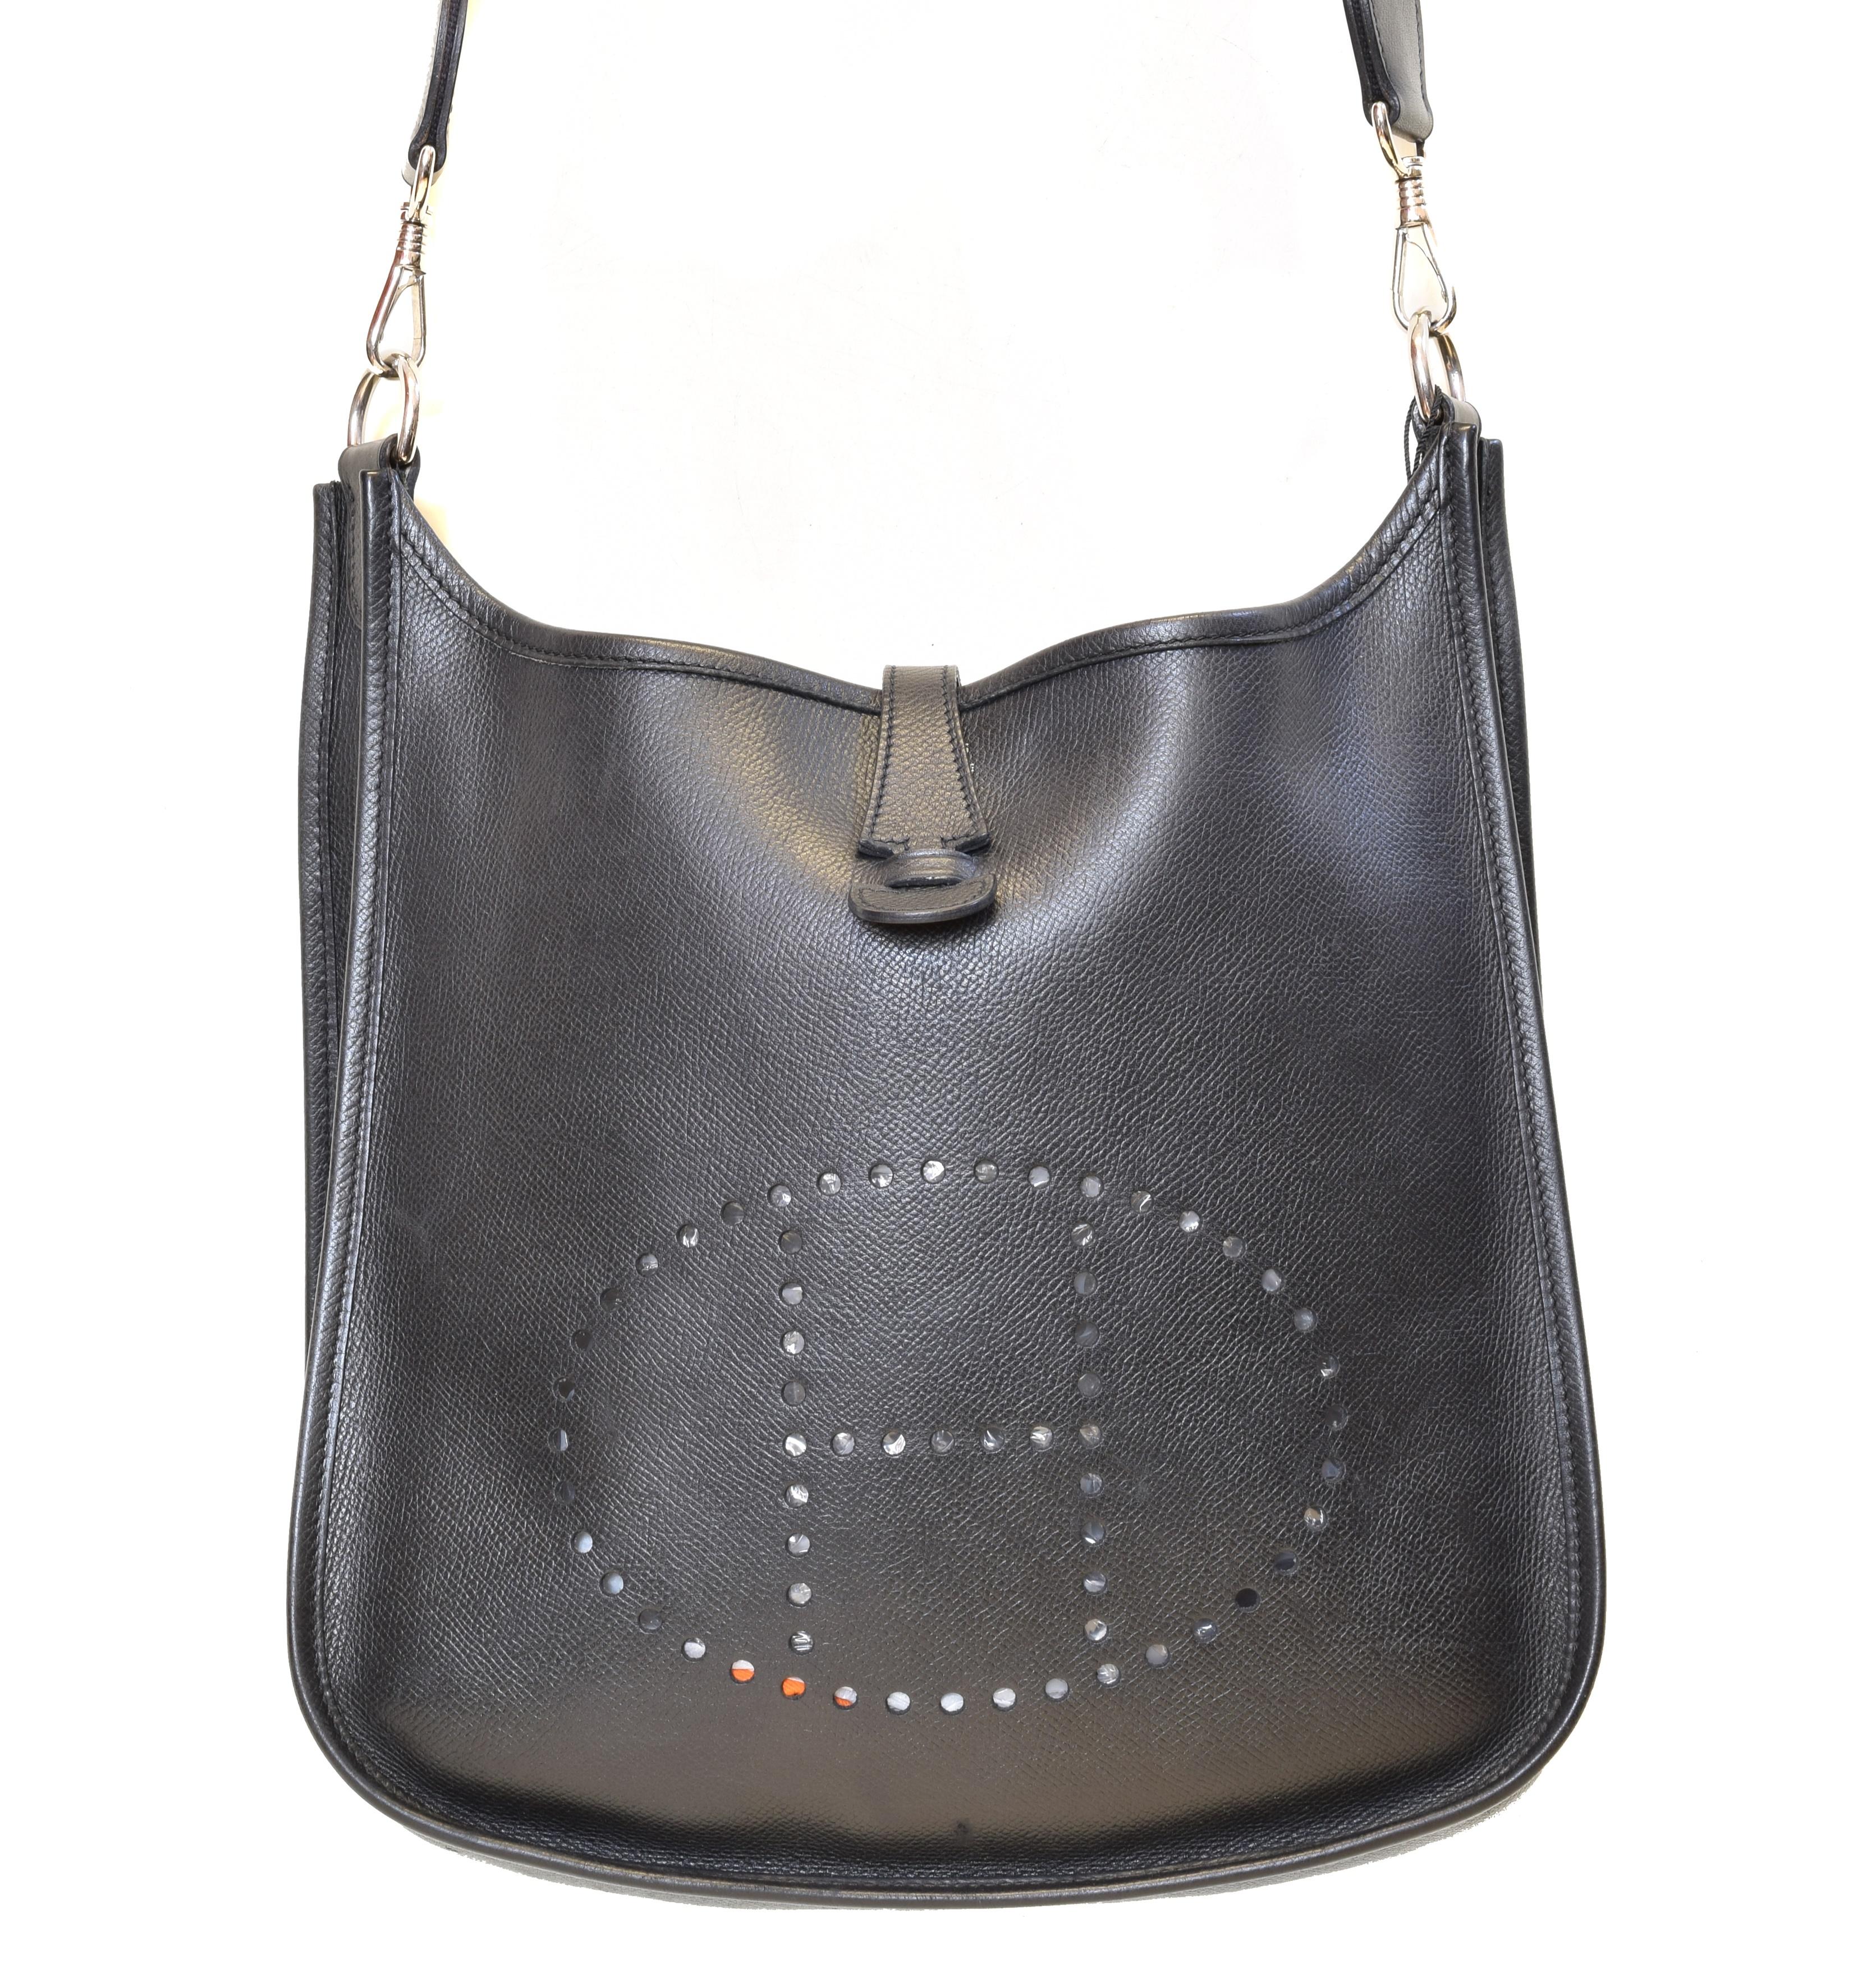 A Hermes Evelyne 29 Shoulder Bag, - Image 3 of 3